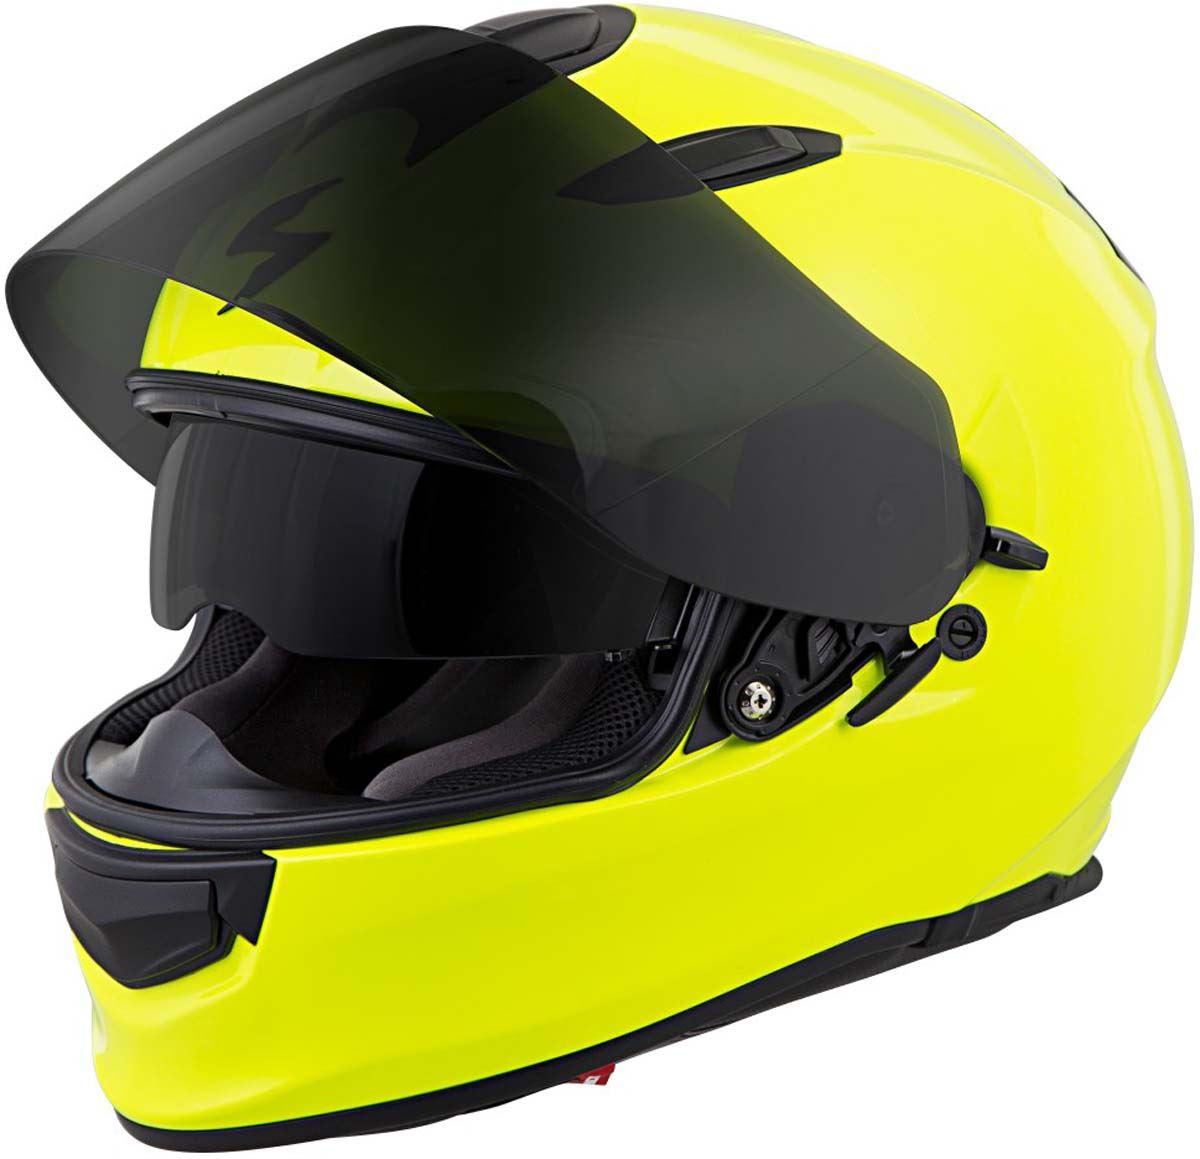 Scorpion-EXO-T510-Helmet-Full-Face-DOT-Approved-Inner-Sun-Shield miniature 16